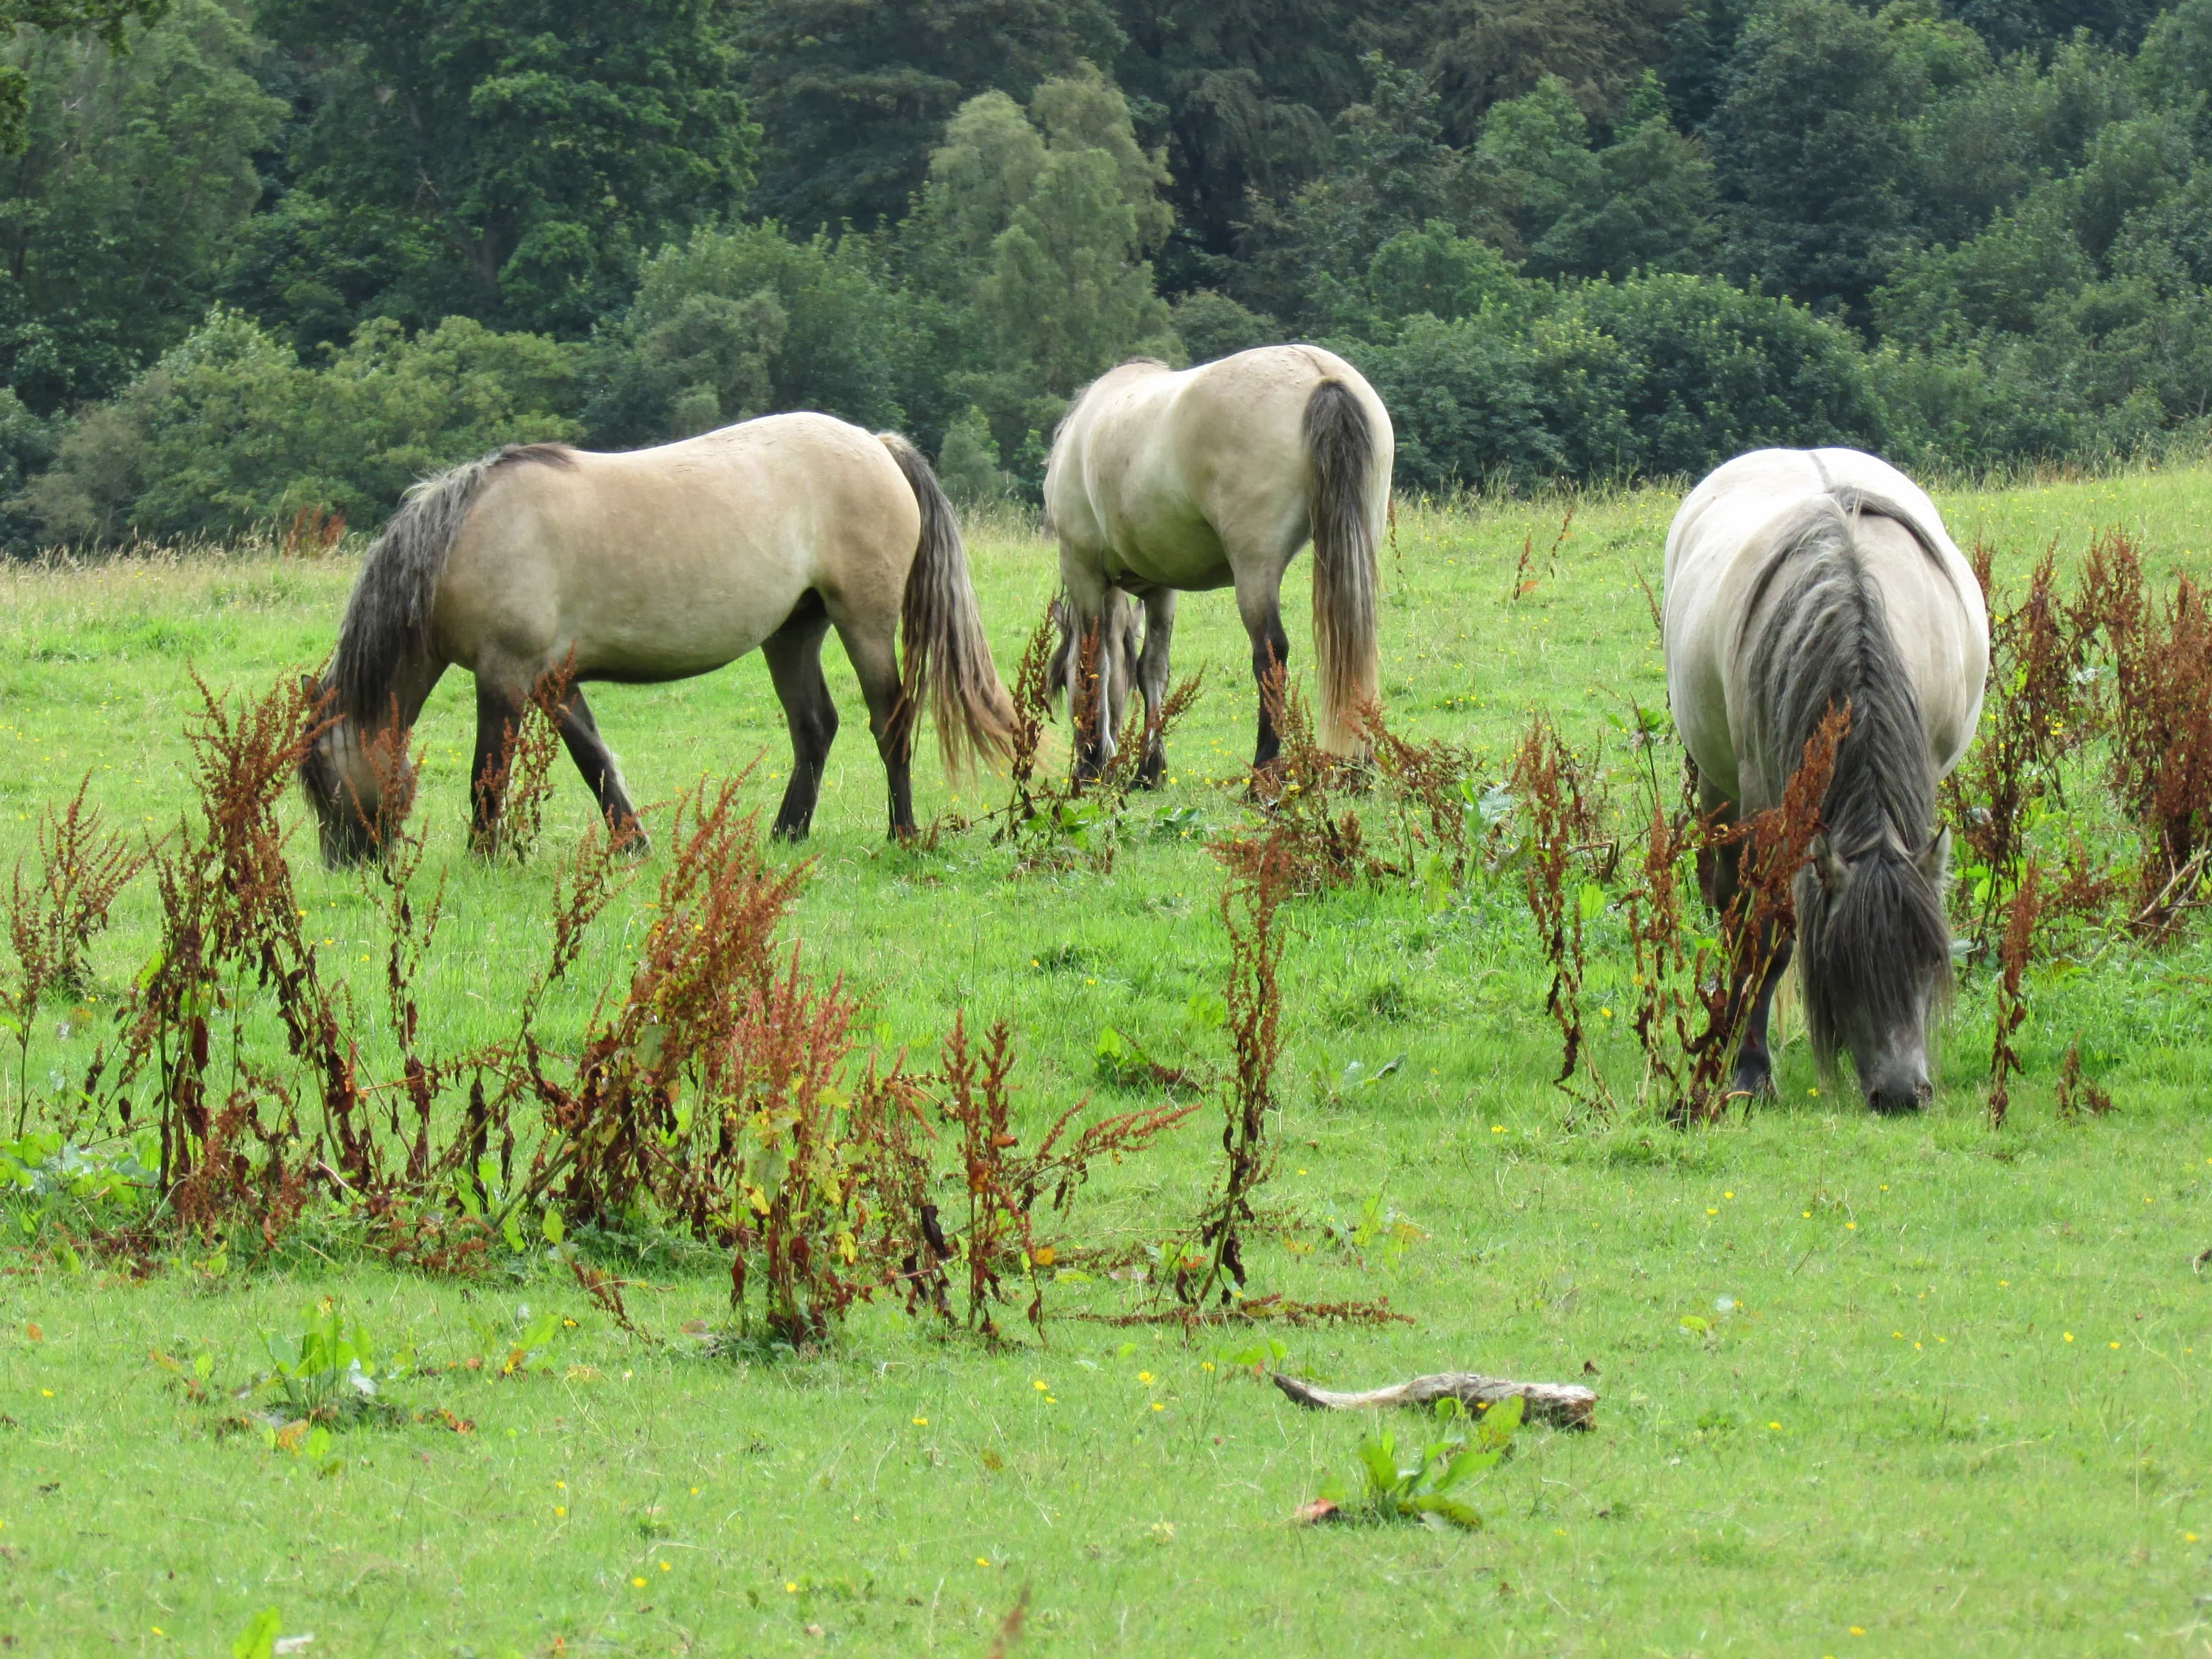 Gambar Gratis Hewan Bidang Pertanian Kuda Kuda Peternakan